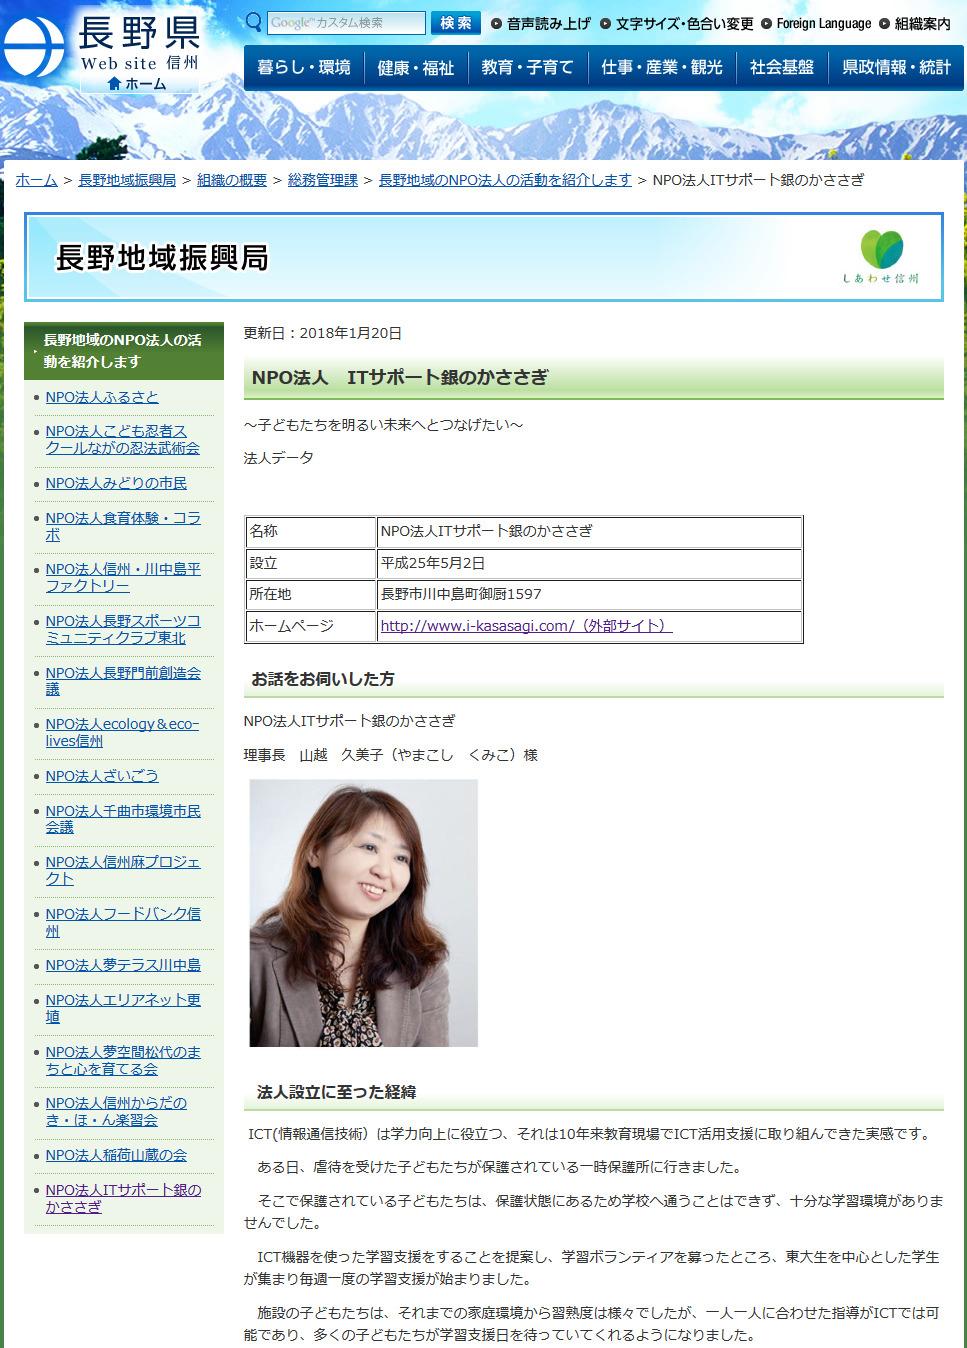 長野県長野地域振興局の総務管理課 長野地域のNPO法人の活動に紹介していただきました